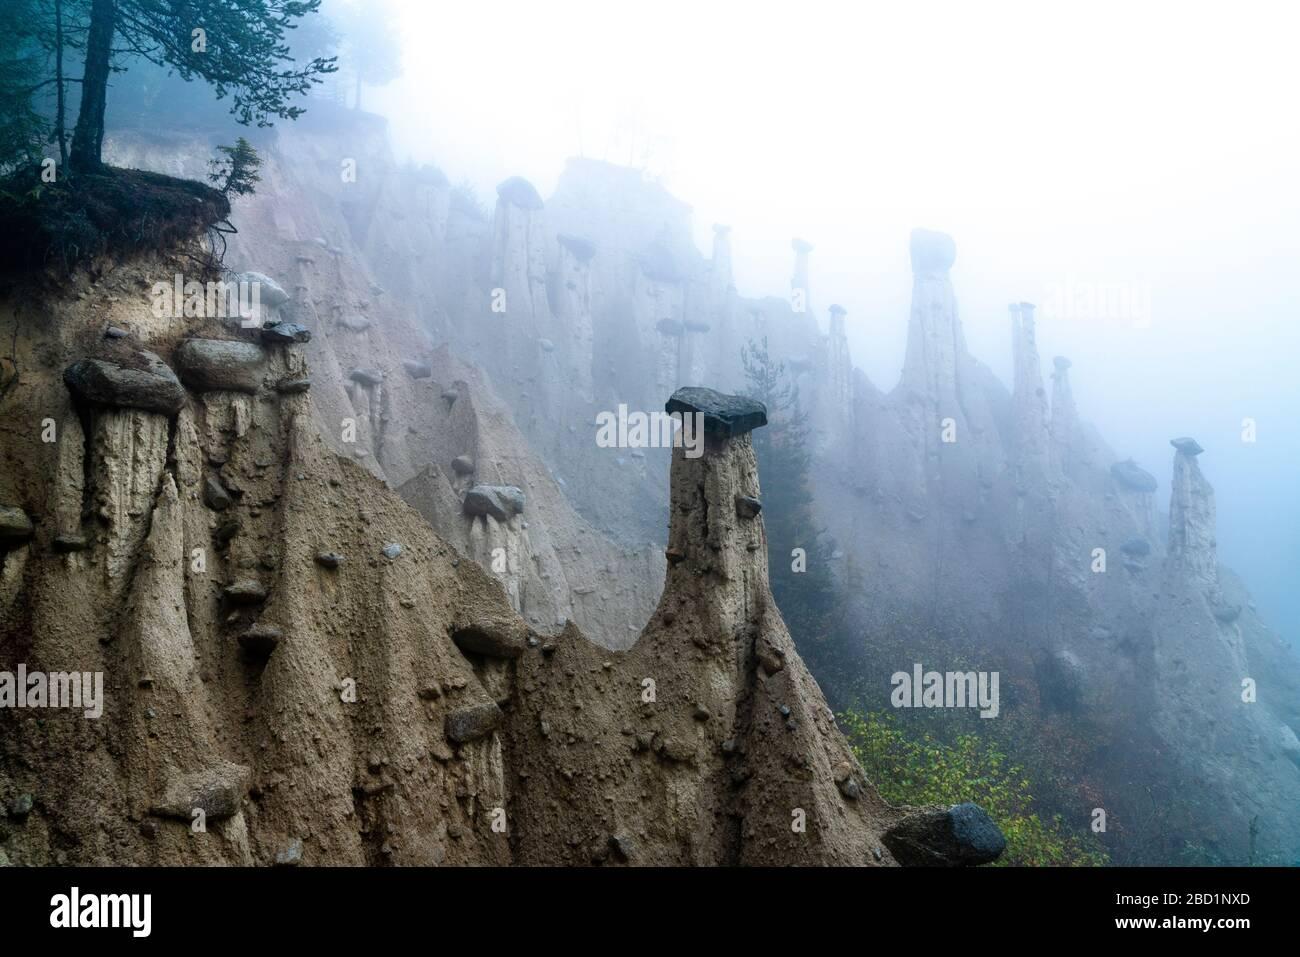 Fog over the Earth Pyramids, Perca (Percha), province of Bolzano, South Tyrol, Italy, Europe Stock Photo